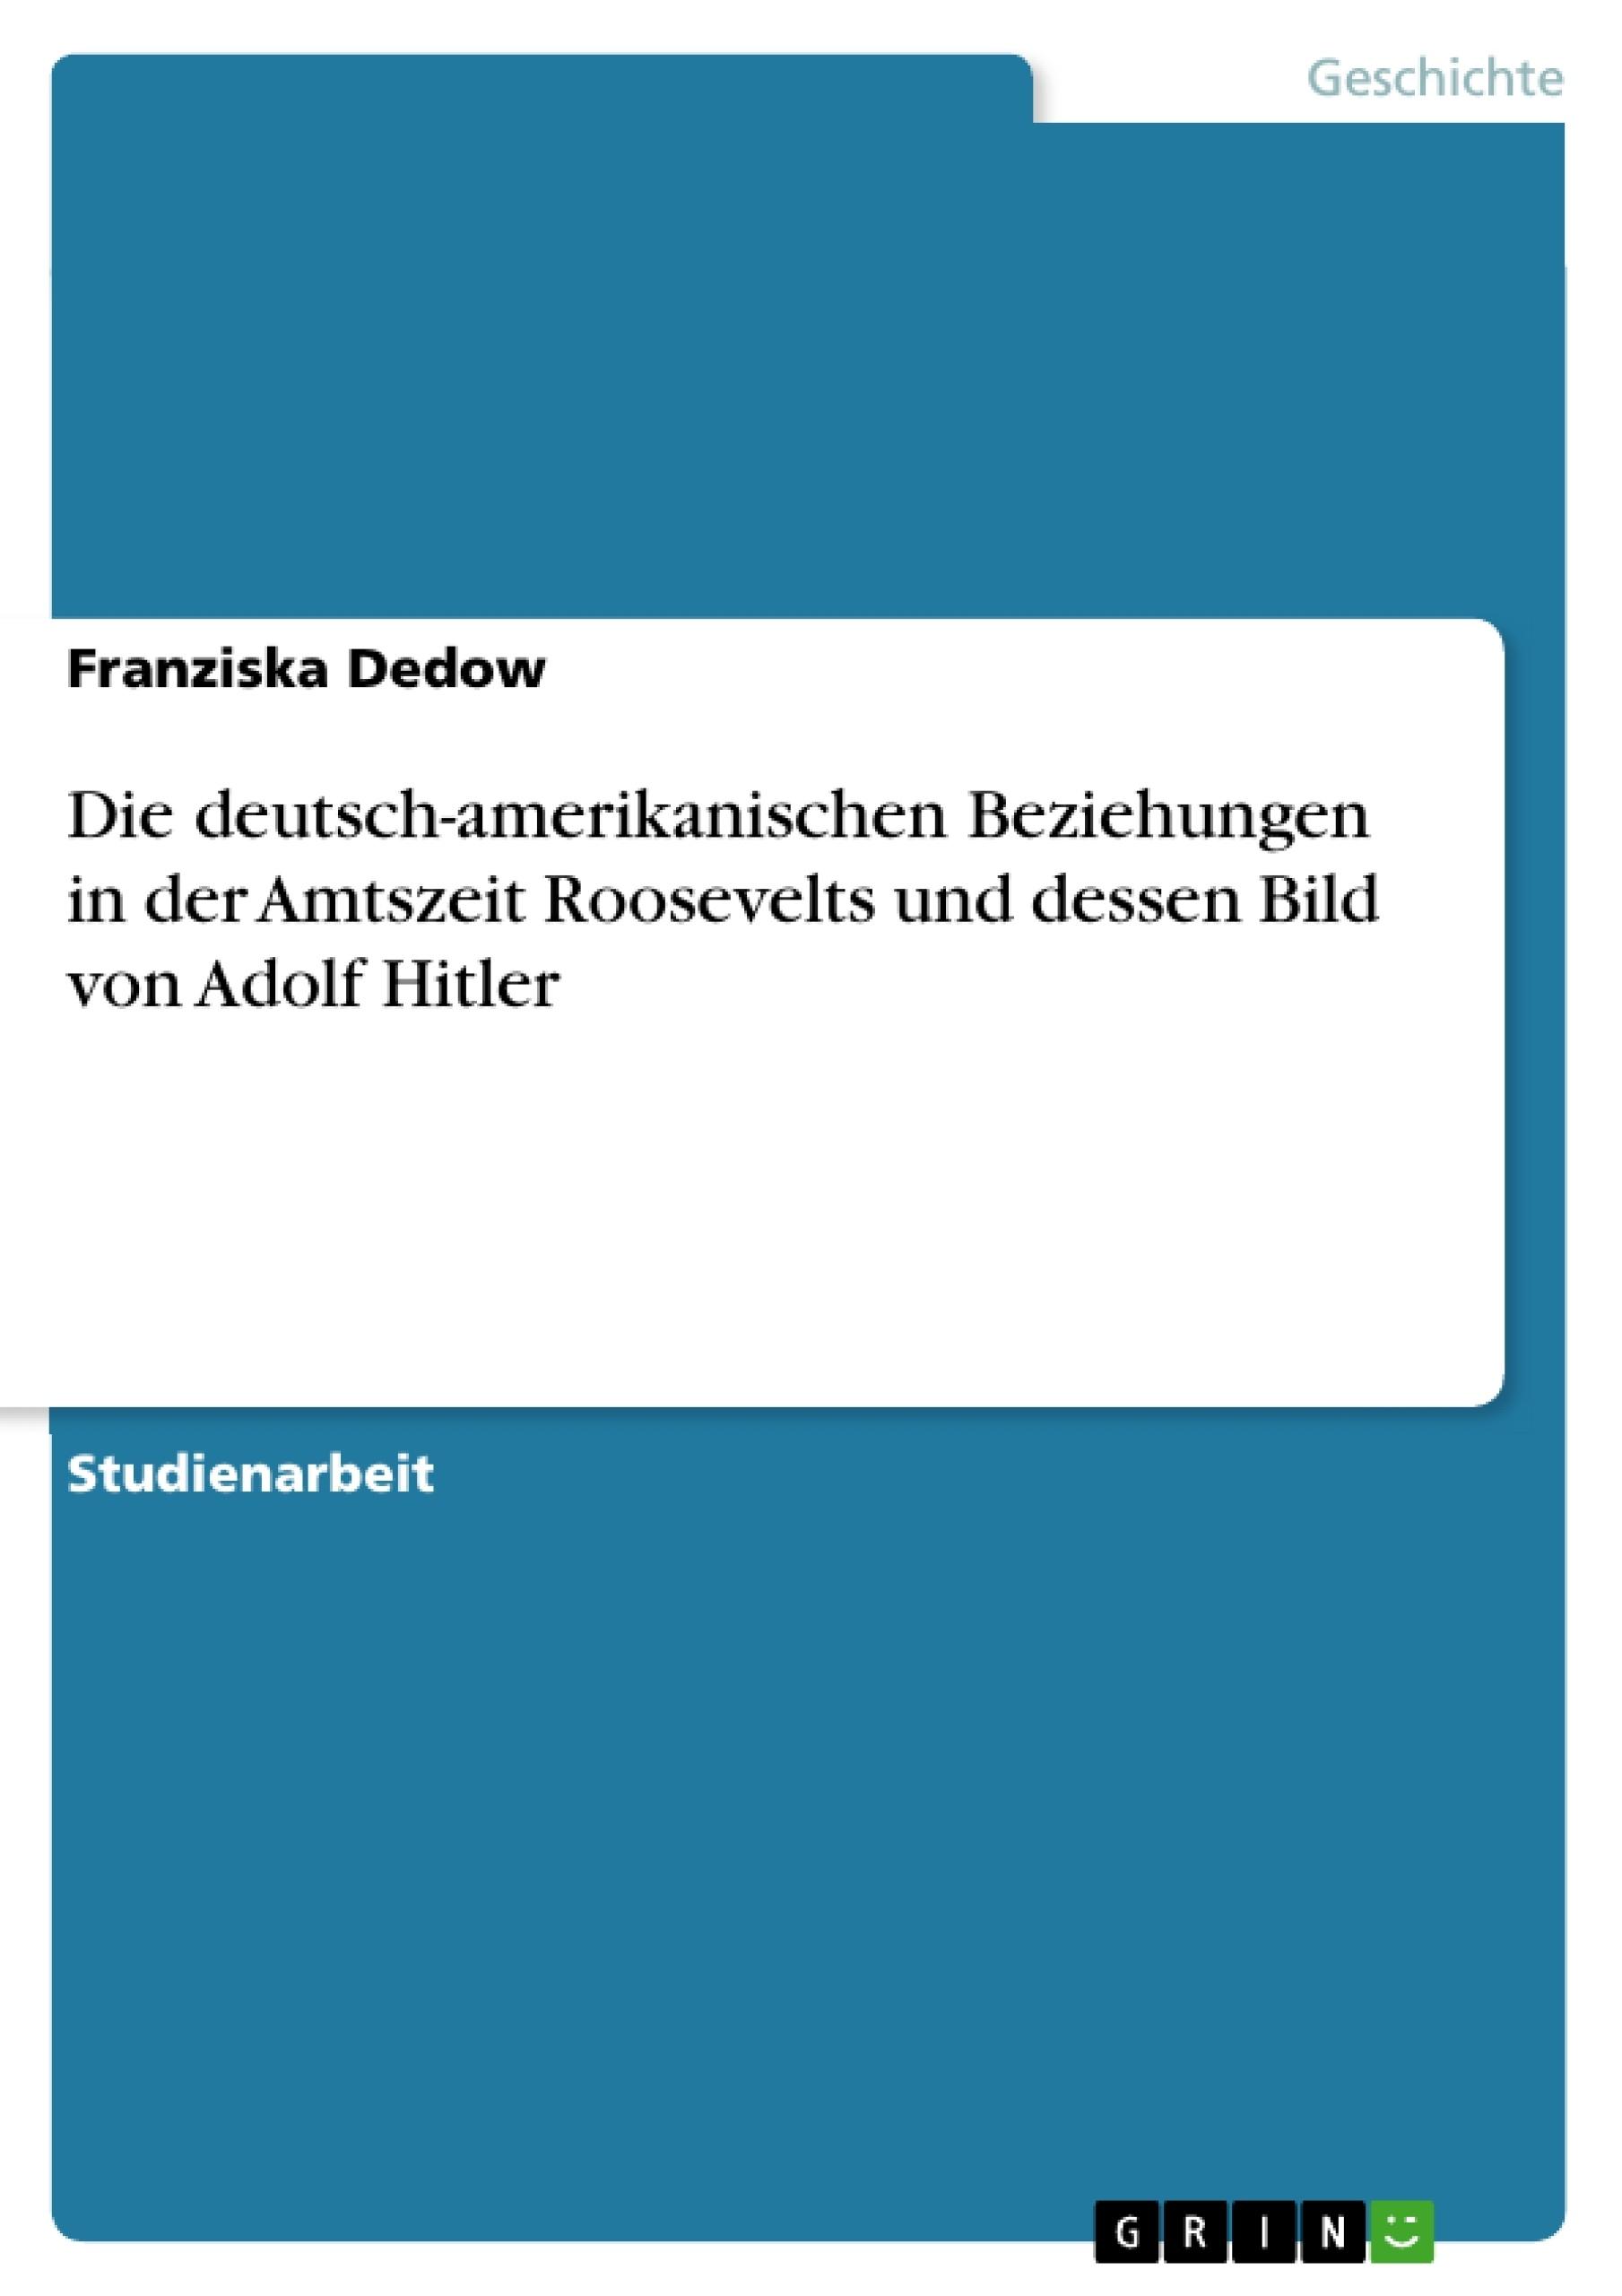 Titel: Die deutsch-amerikanischen Beziehungen in der Amtszeit Roosevelts und dessen Bild von Adolf Hitler